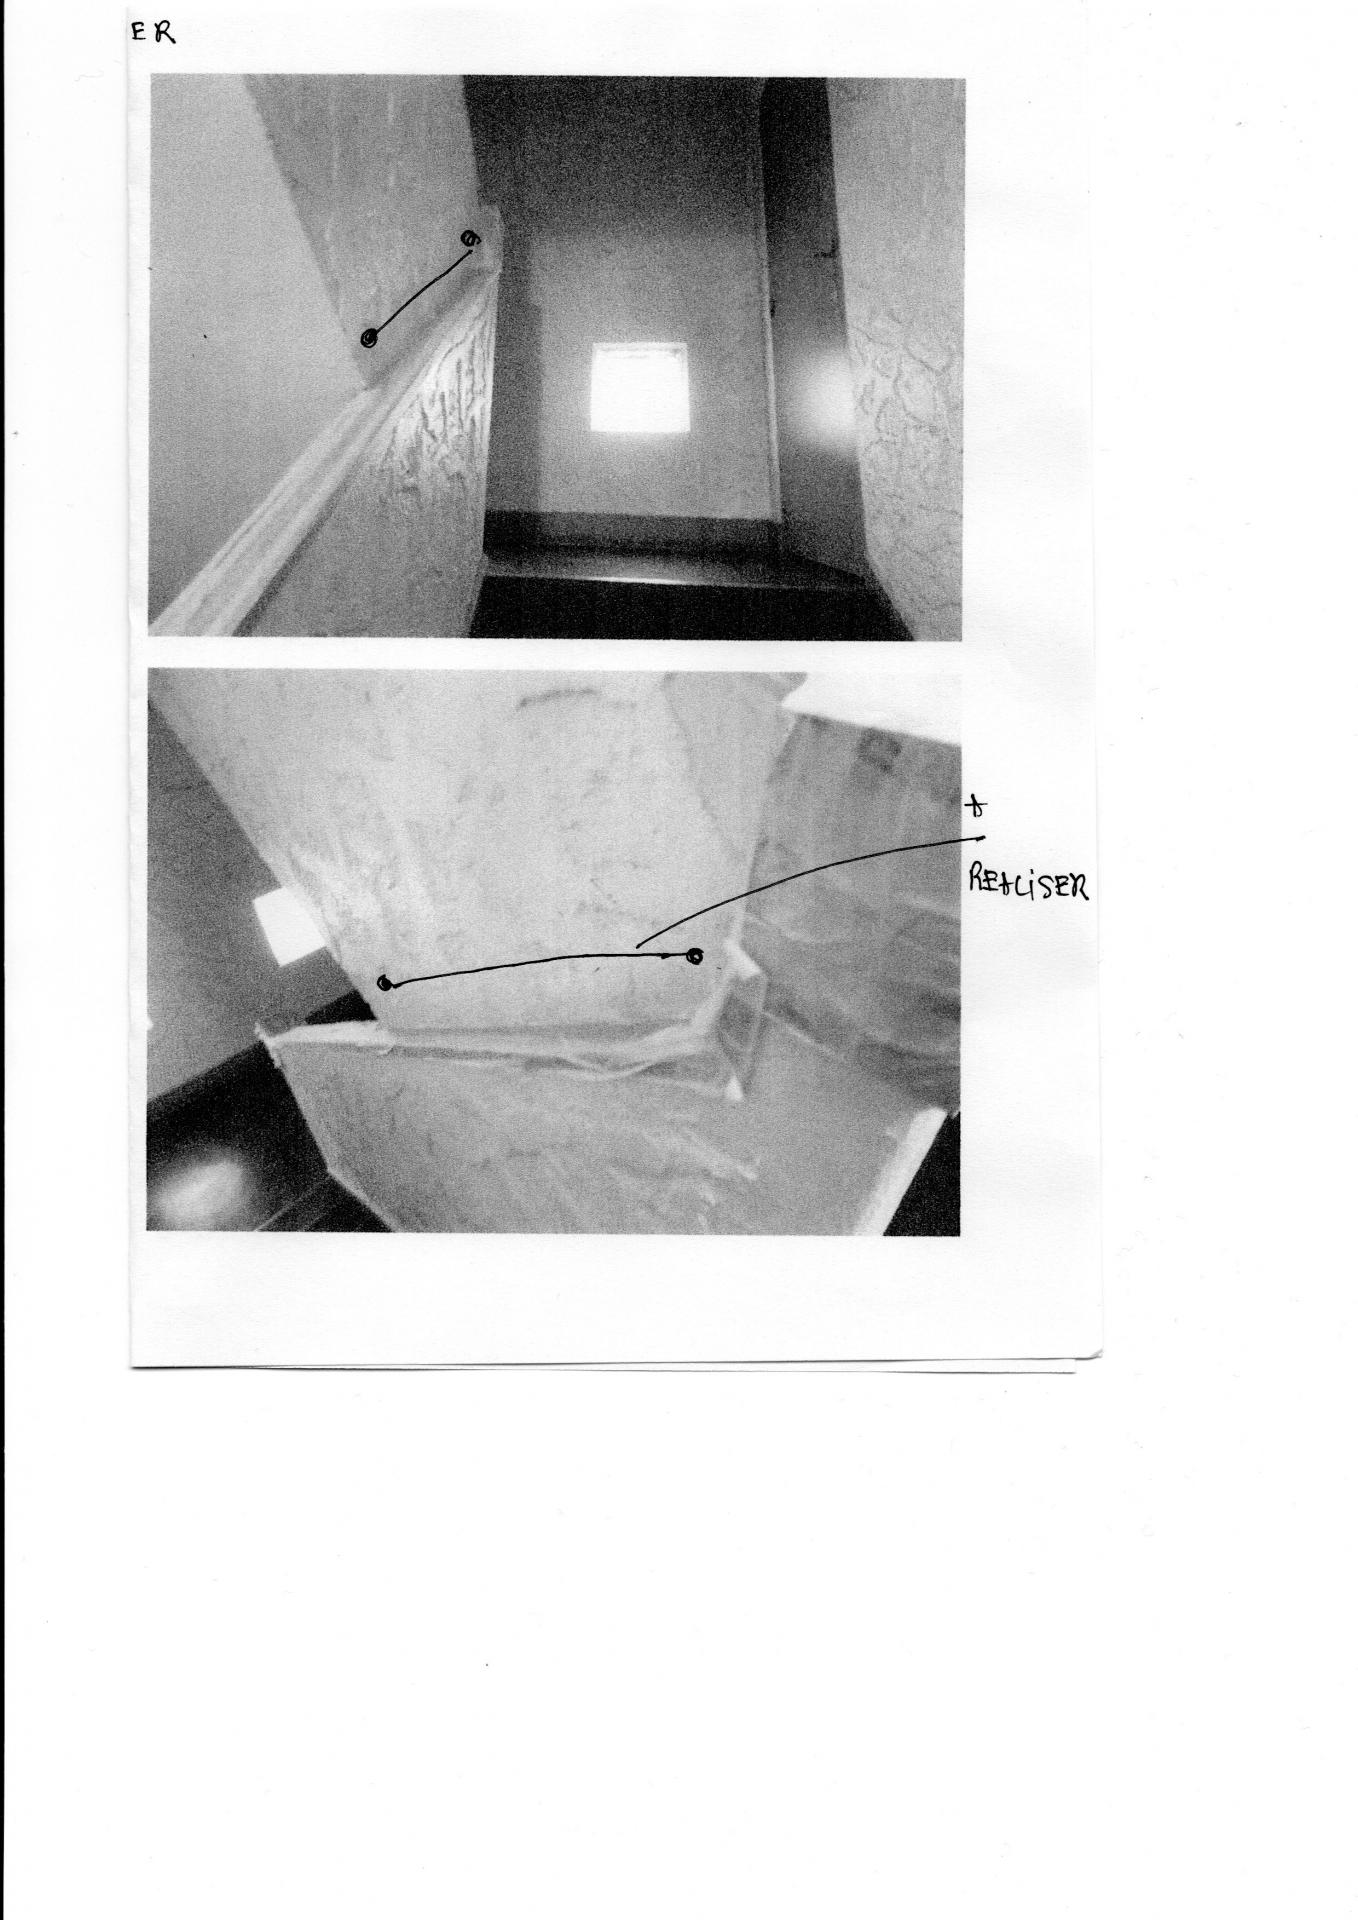 Rampe accès a réaliser escaliers